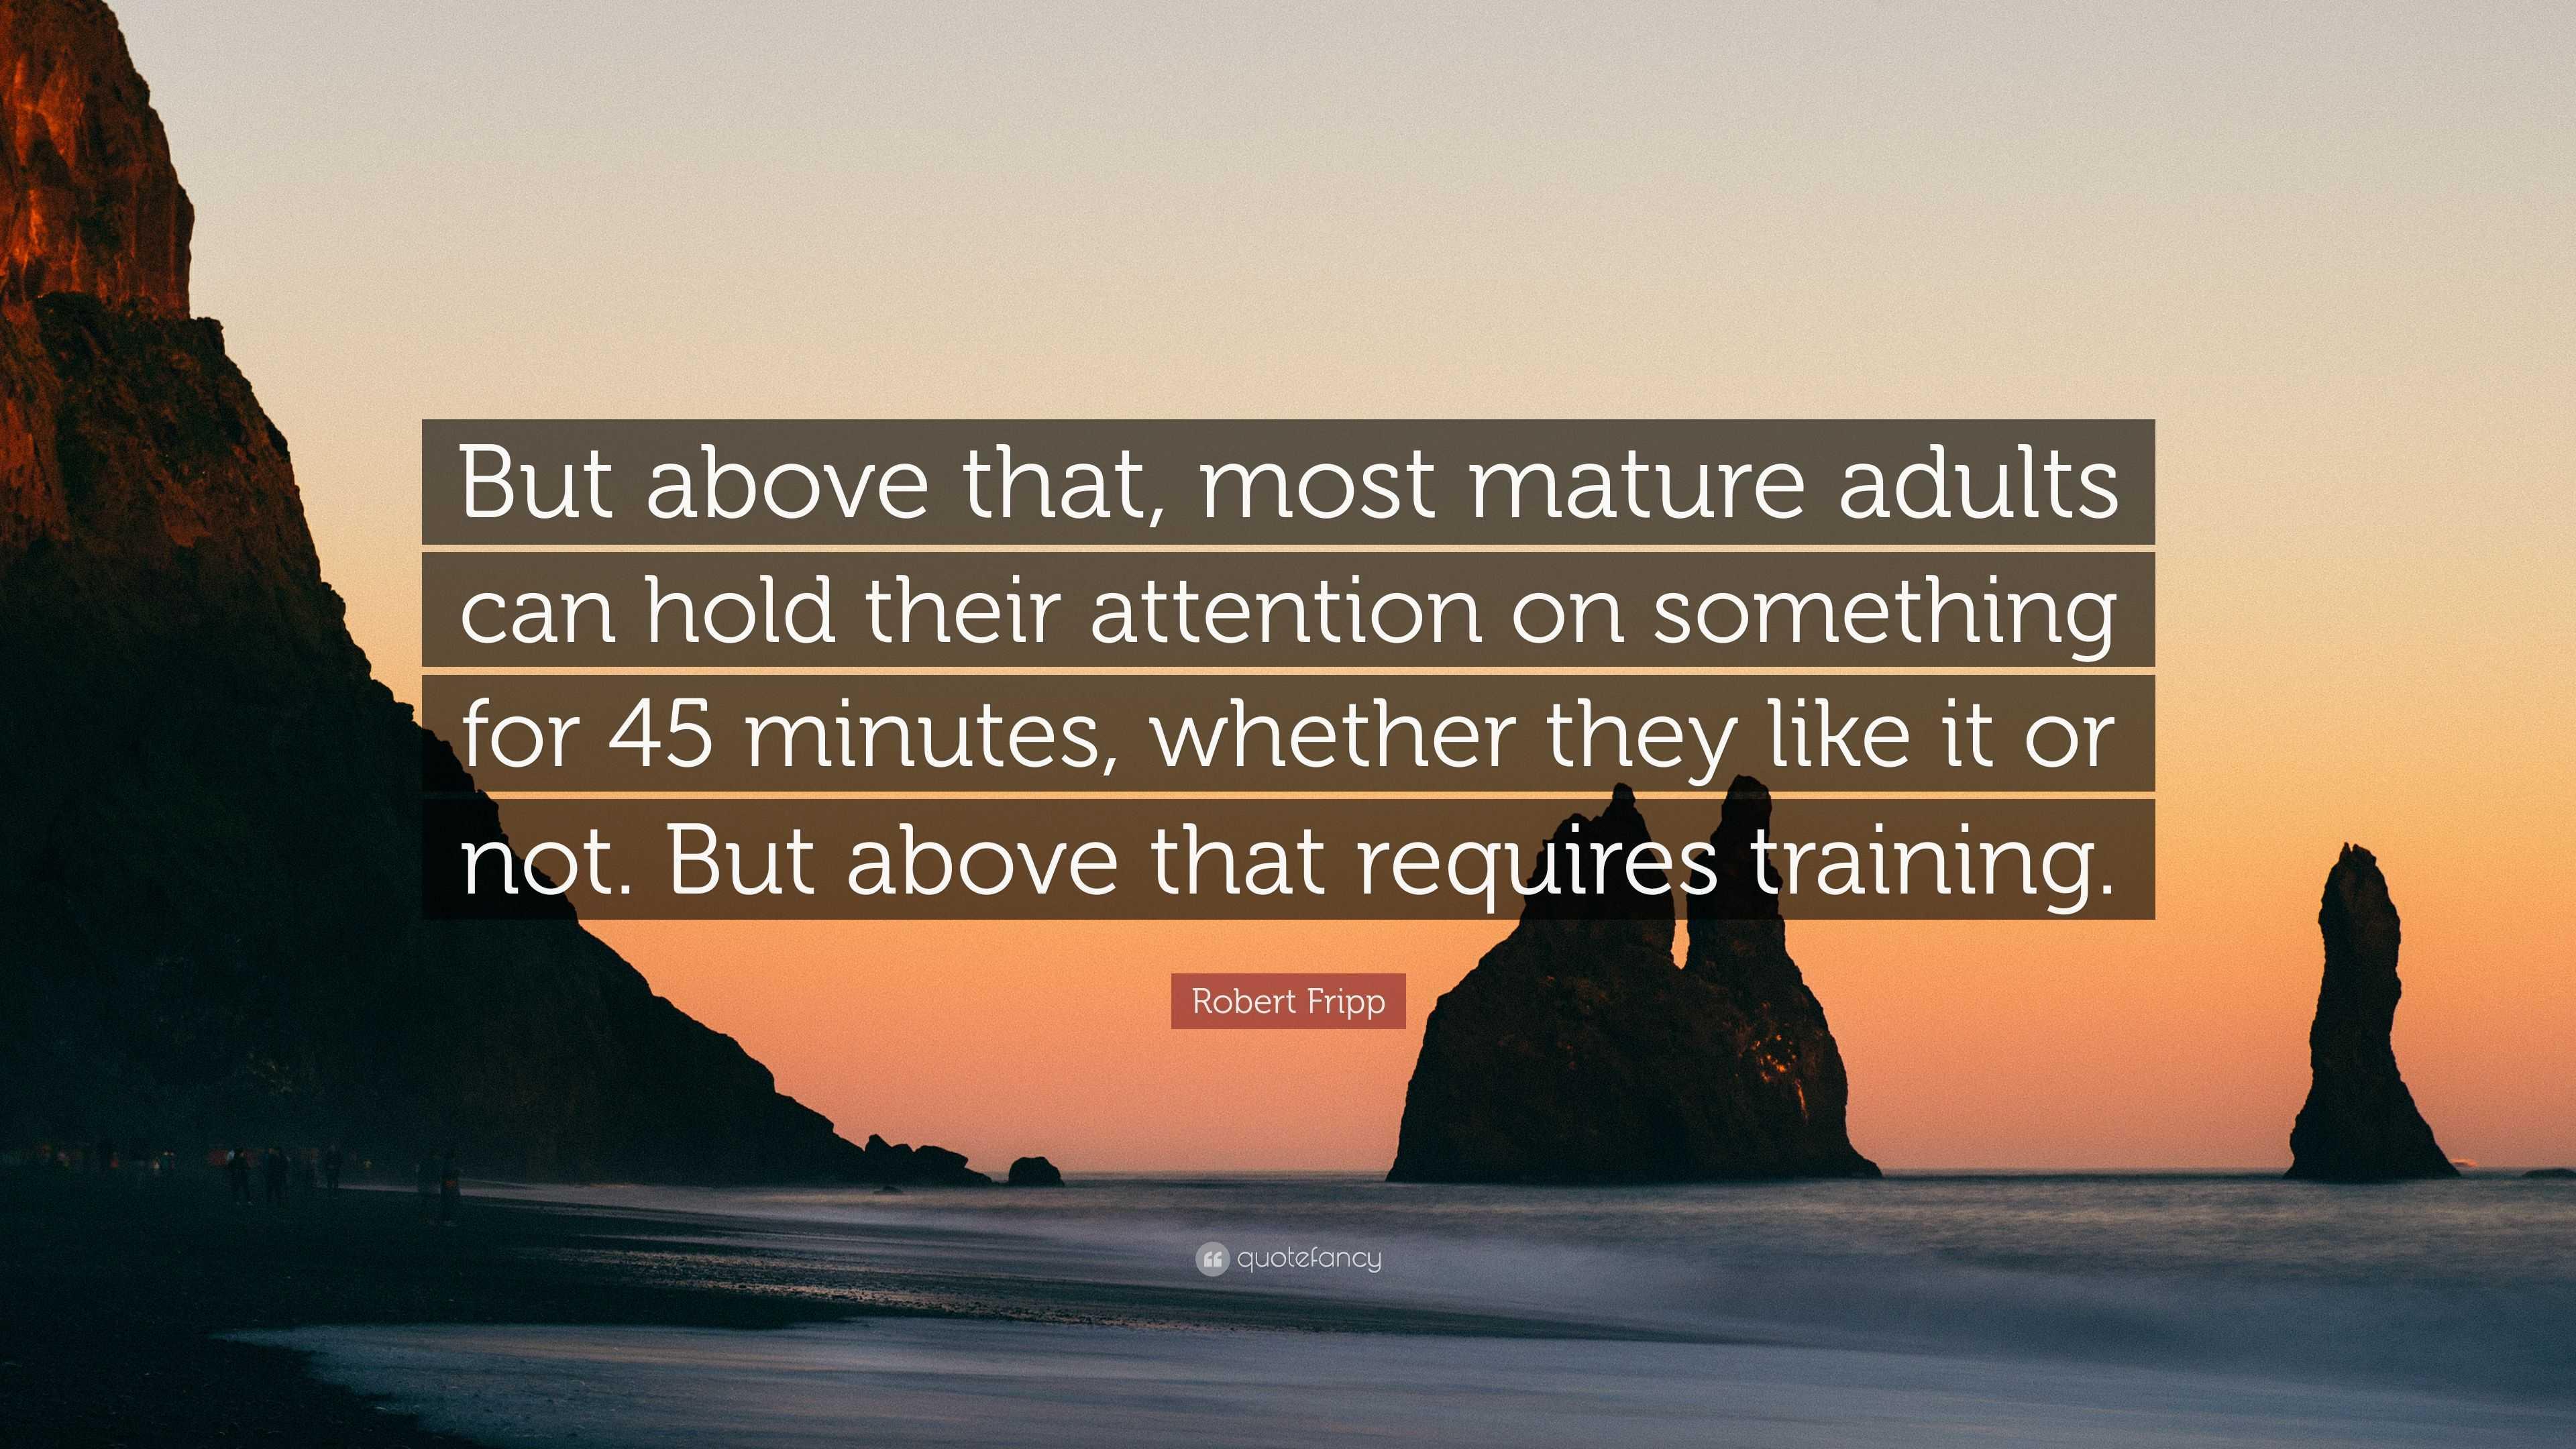 Mature like it